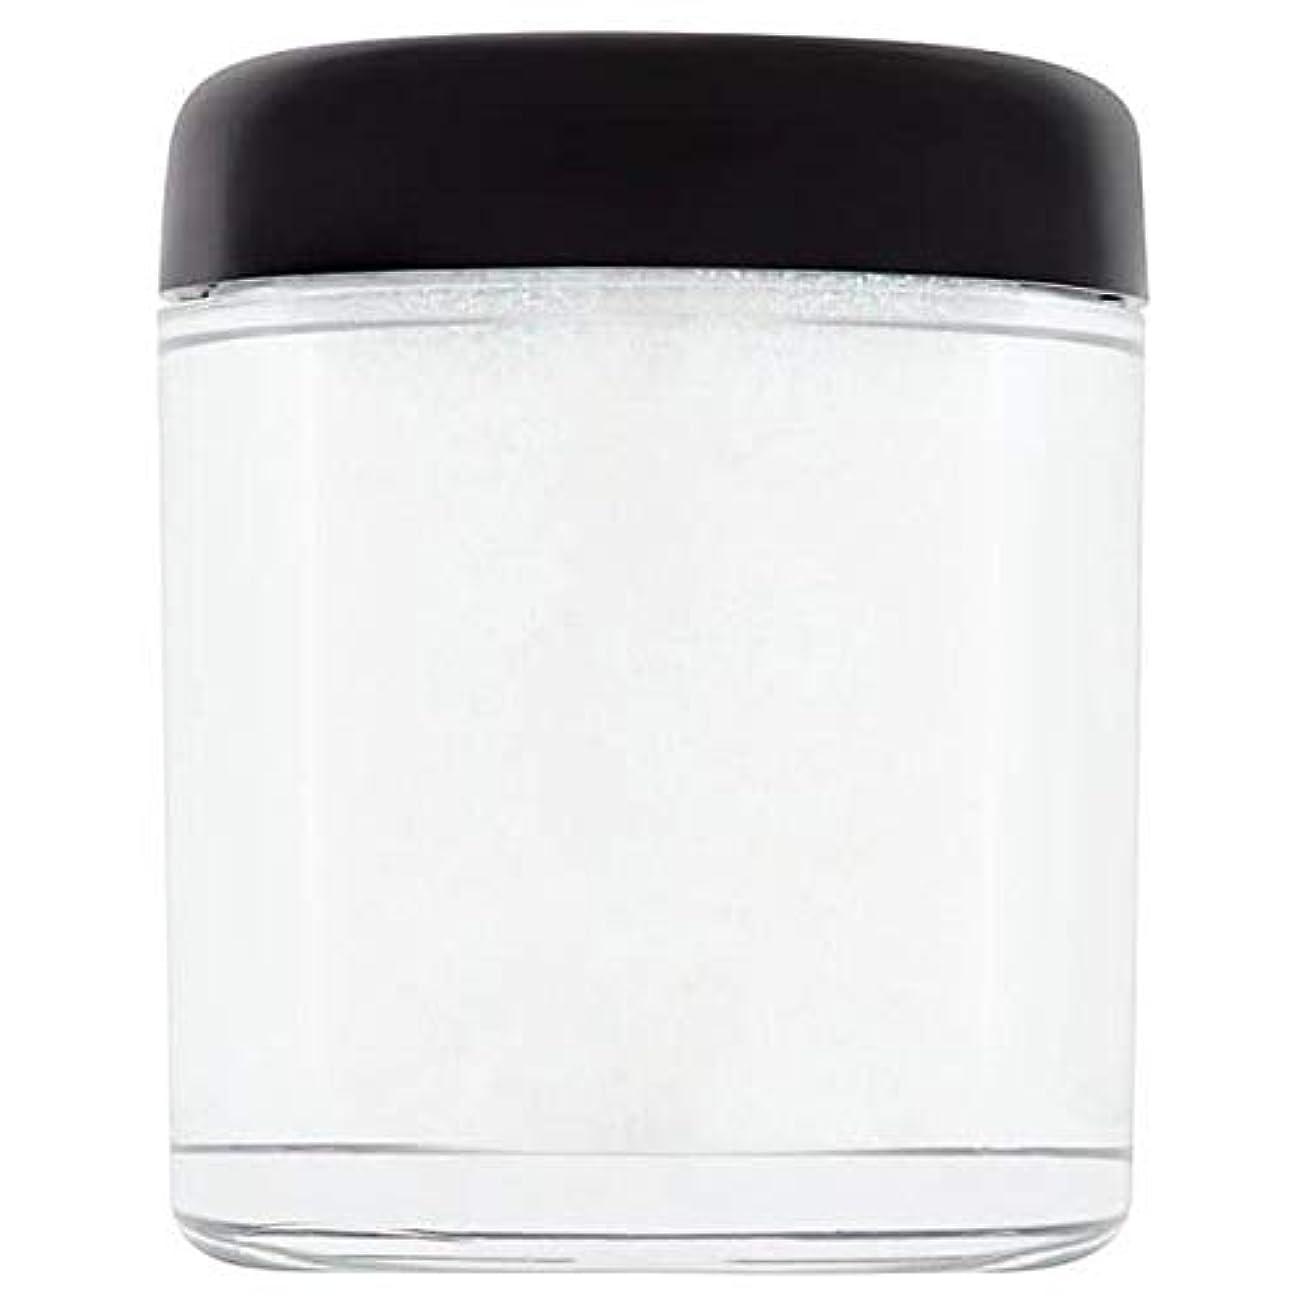 再集計フロンティア通知する[Collection ] 収集グラムの結晶がフェイス&ボディの輝きユニコーンの涙1 - Collection Glam Crystals Face & Body Glitter Unicorn Tears 1 [並行輸入品]